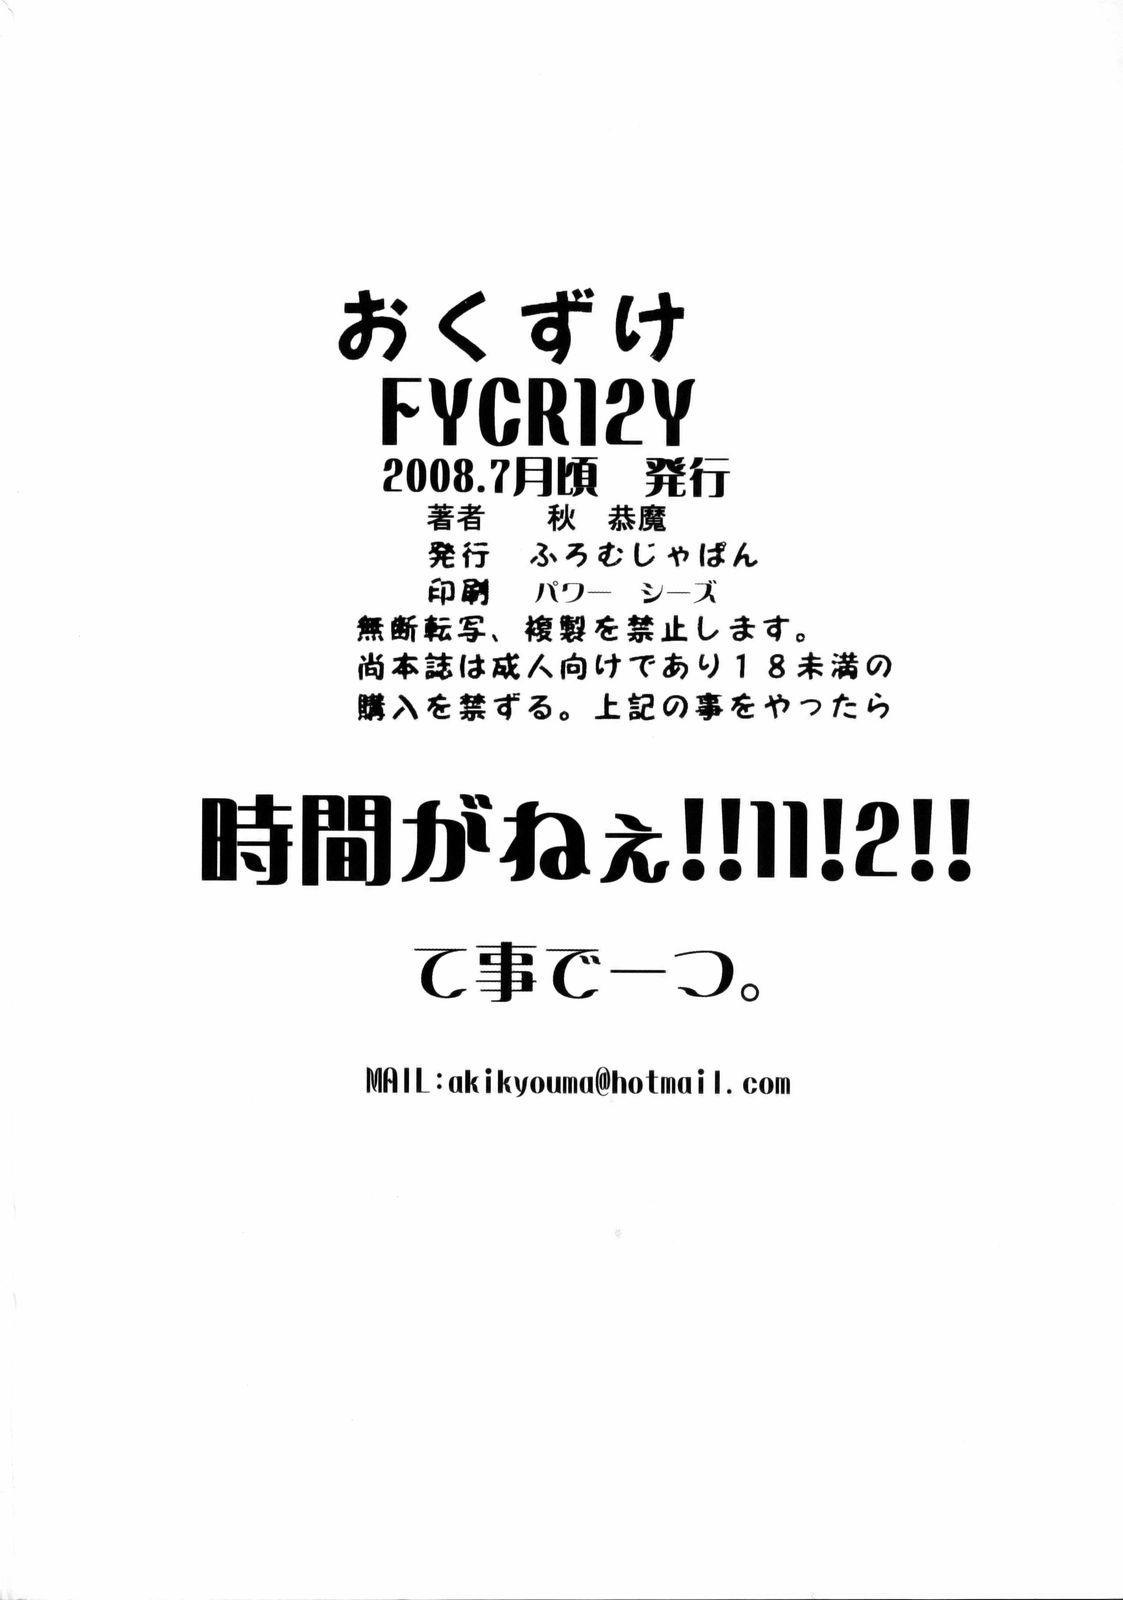 FYC R12Y 64